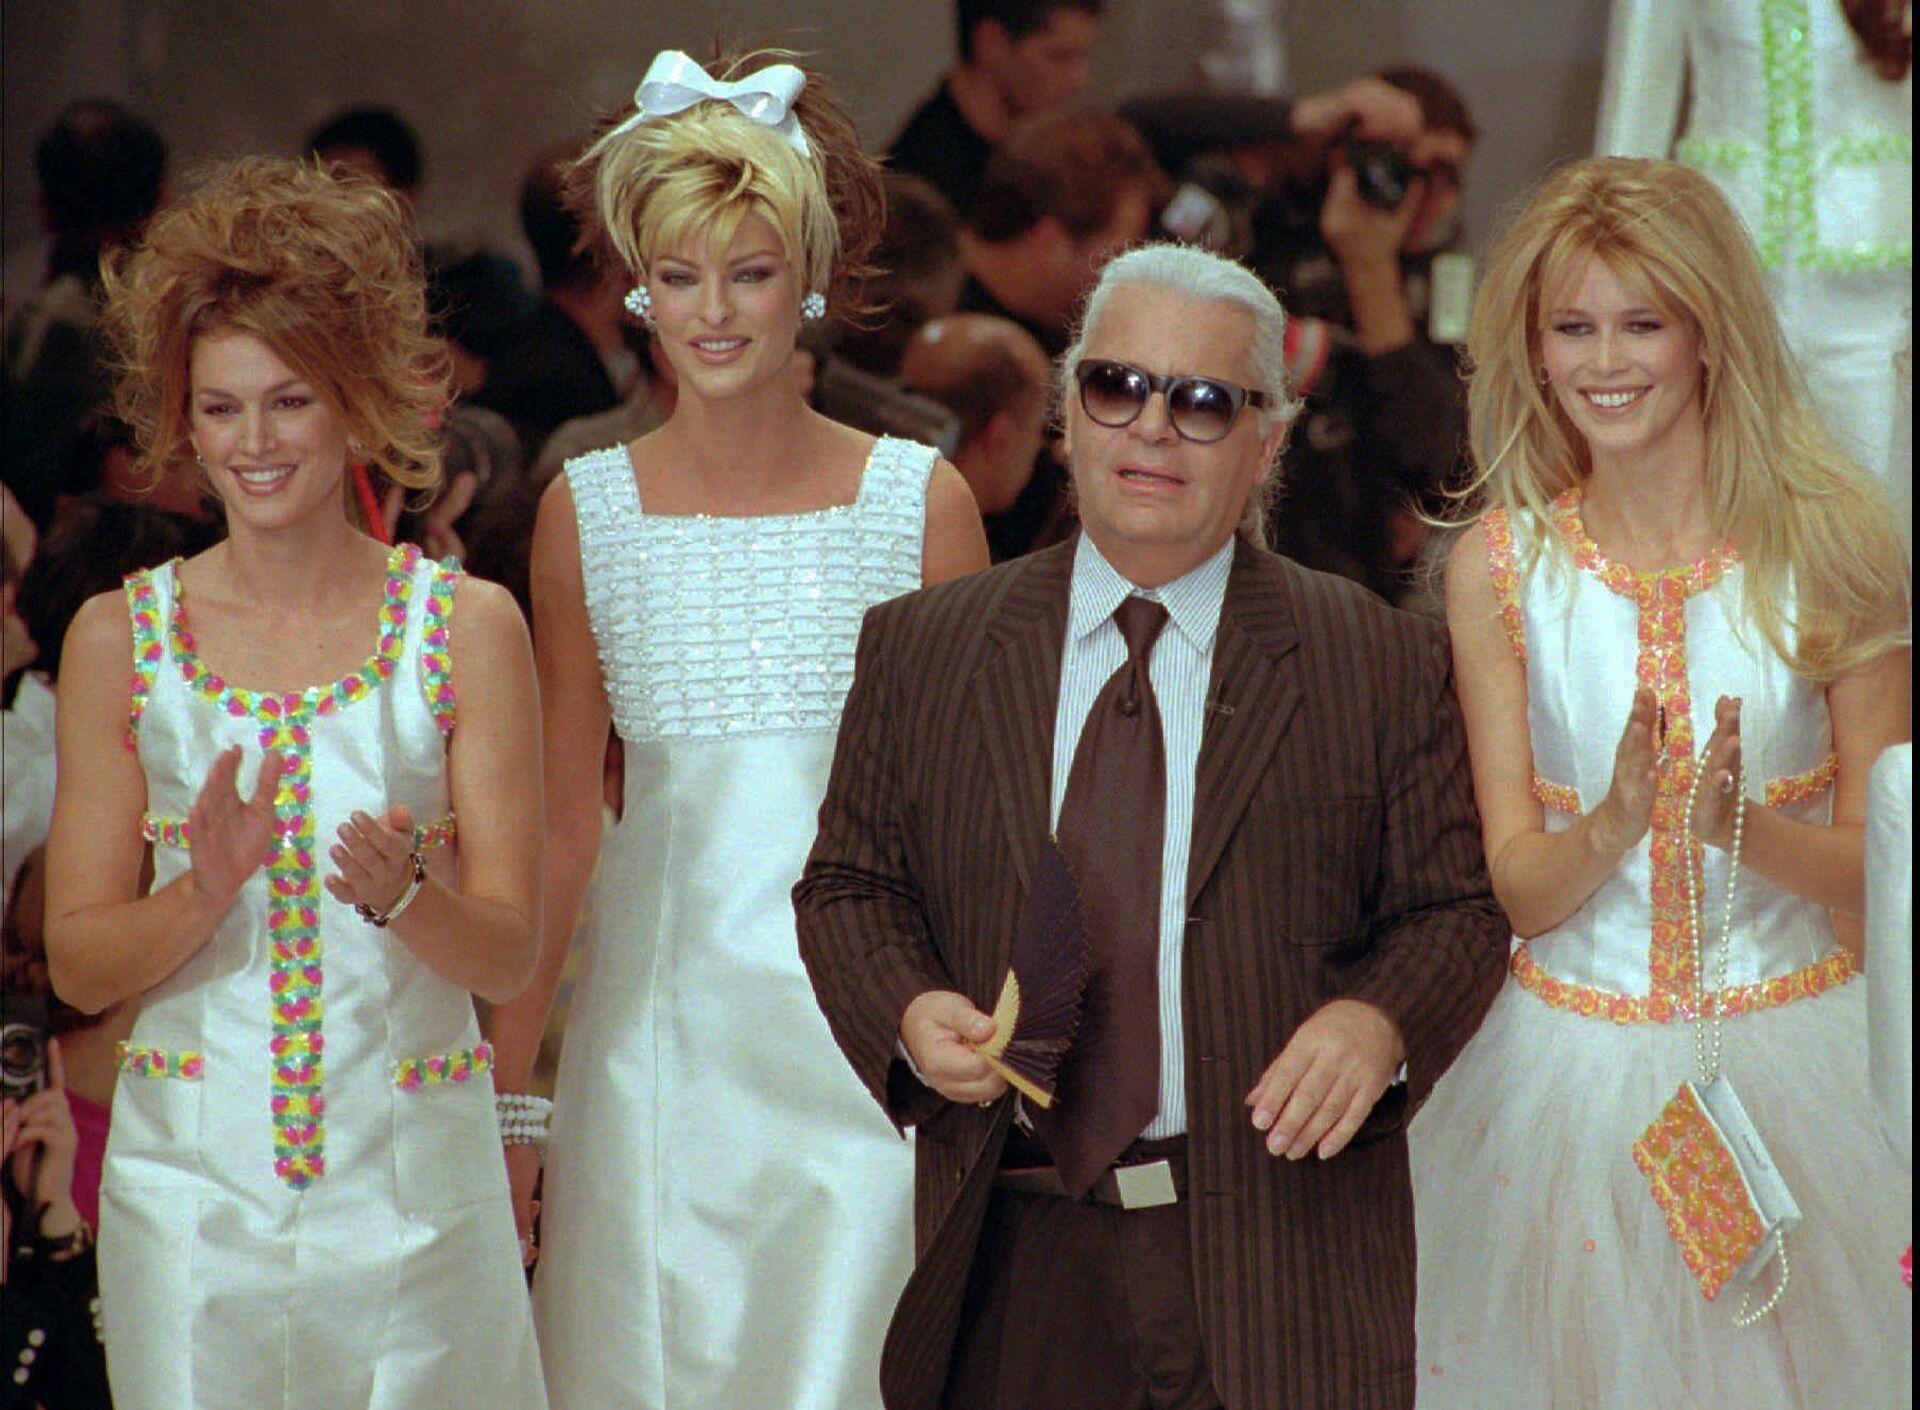 Синди Кроуфорд, Линда Евангелиста, Карл Лагерфельд и Клаудия Шиффер на показе Chanel, 1996 год - РИА Новости, 1920, 17.02.2021